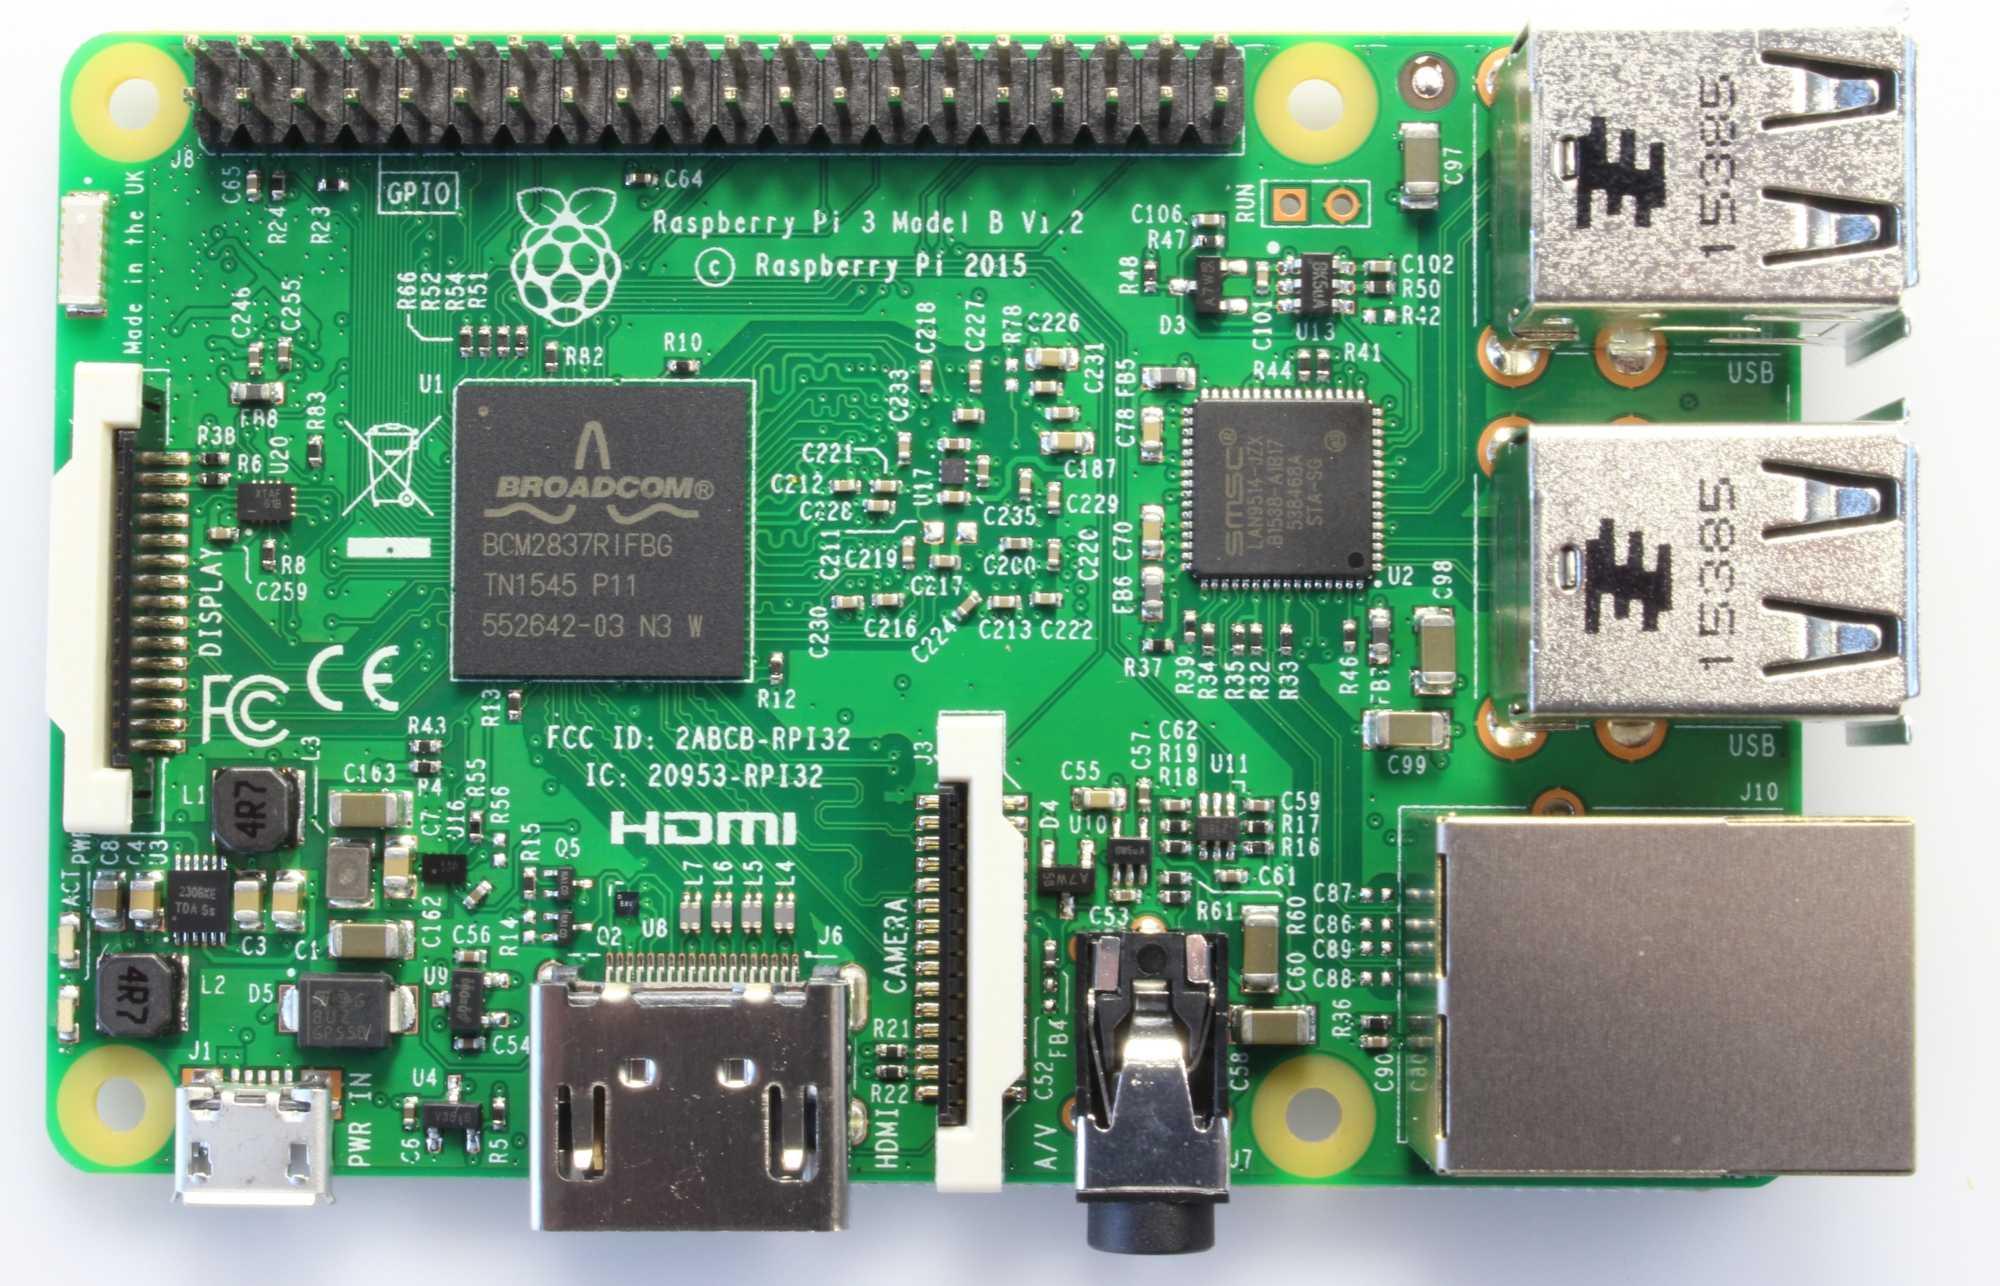 Der Raspberry Pi 3 ist kompatibel zum Vorgänger. Auf der Unterseite sitzt ein Chip für WLAN 802.11b/g/n und Bluetooth 4.1.